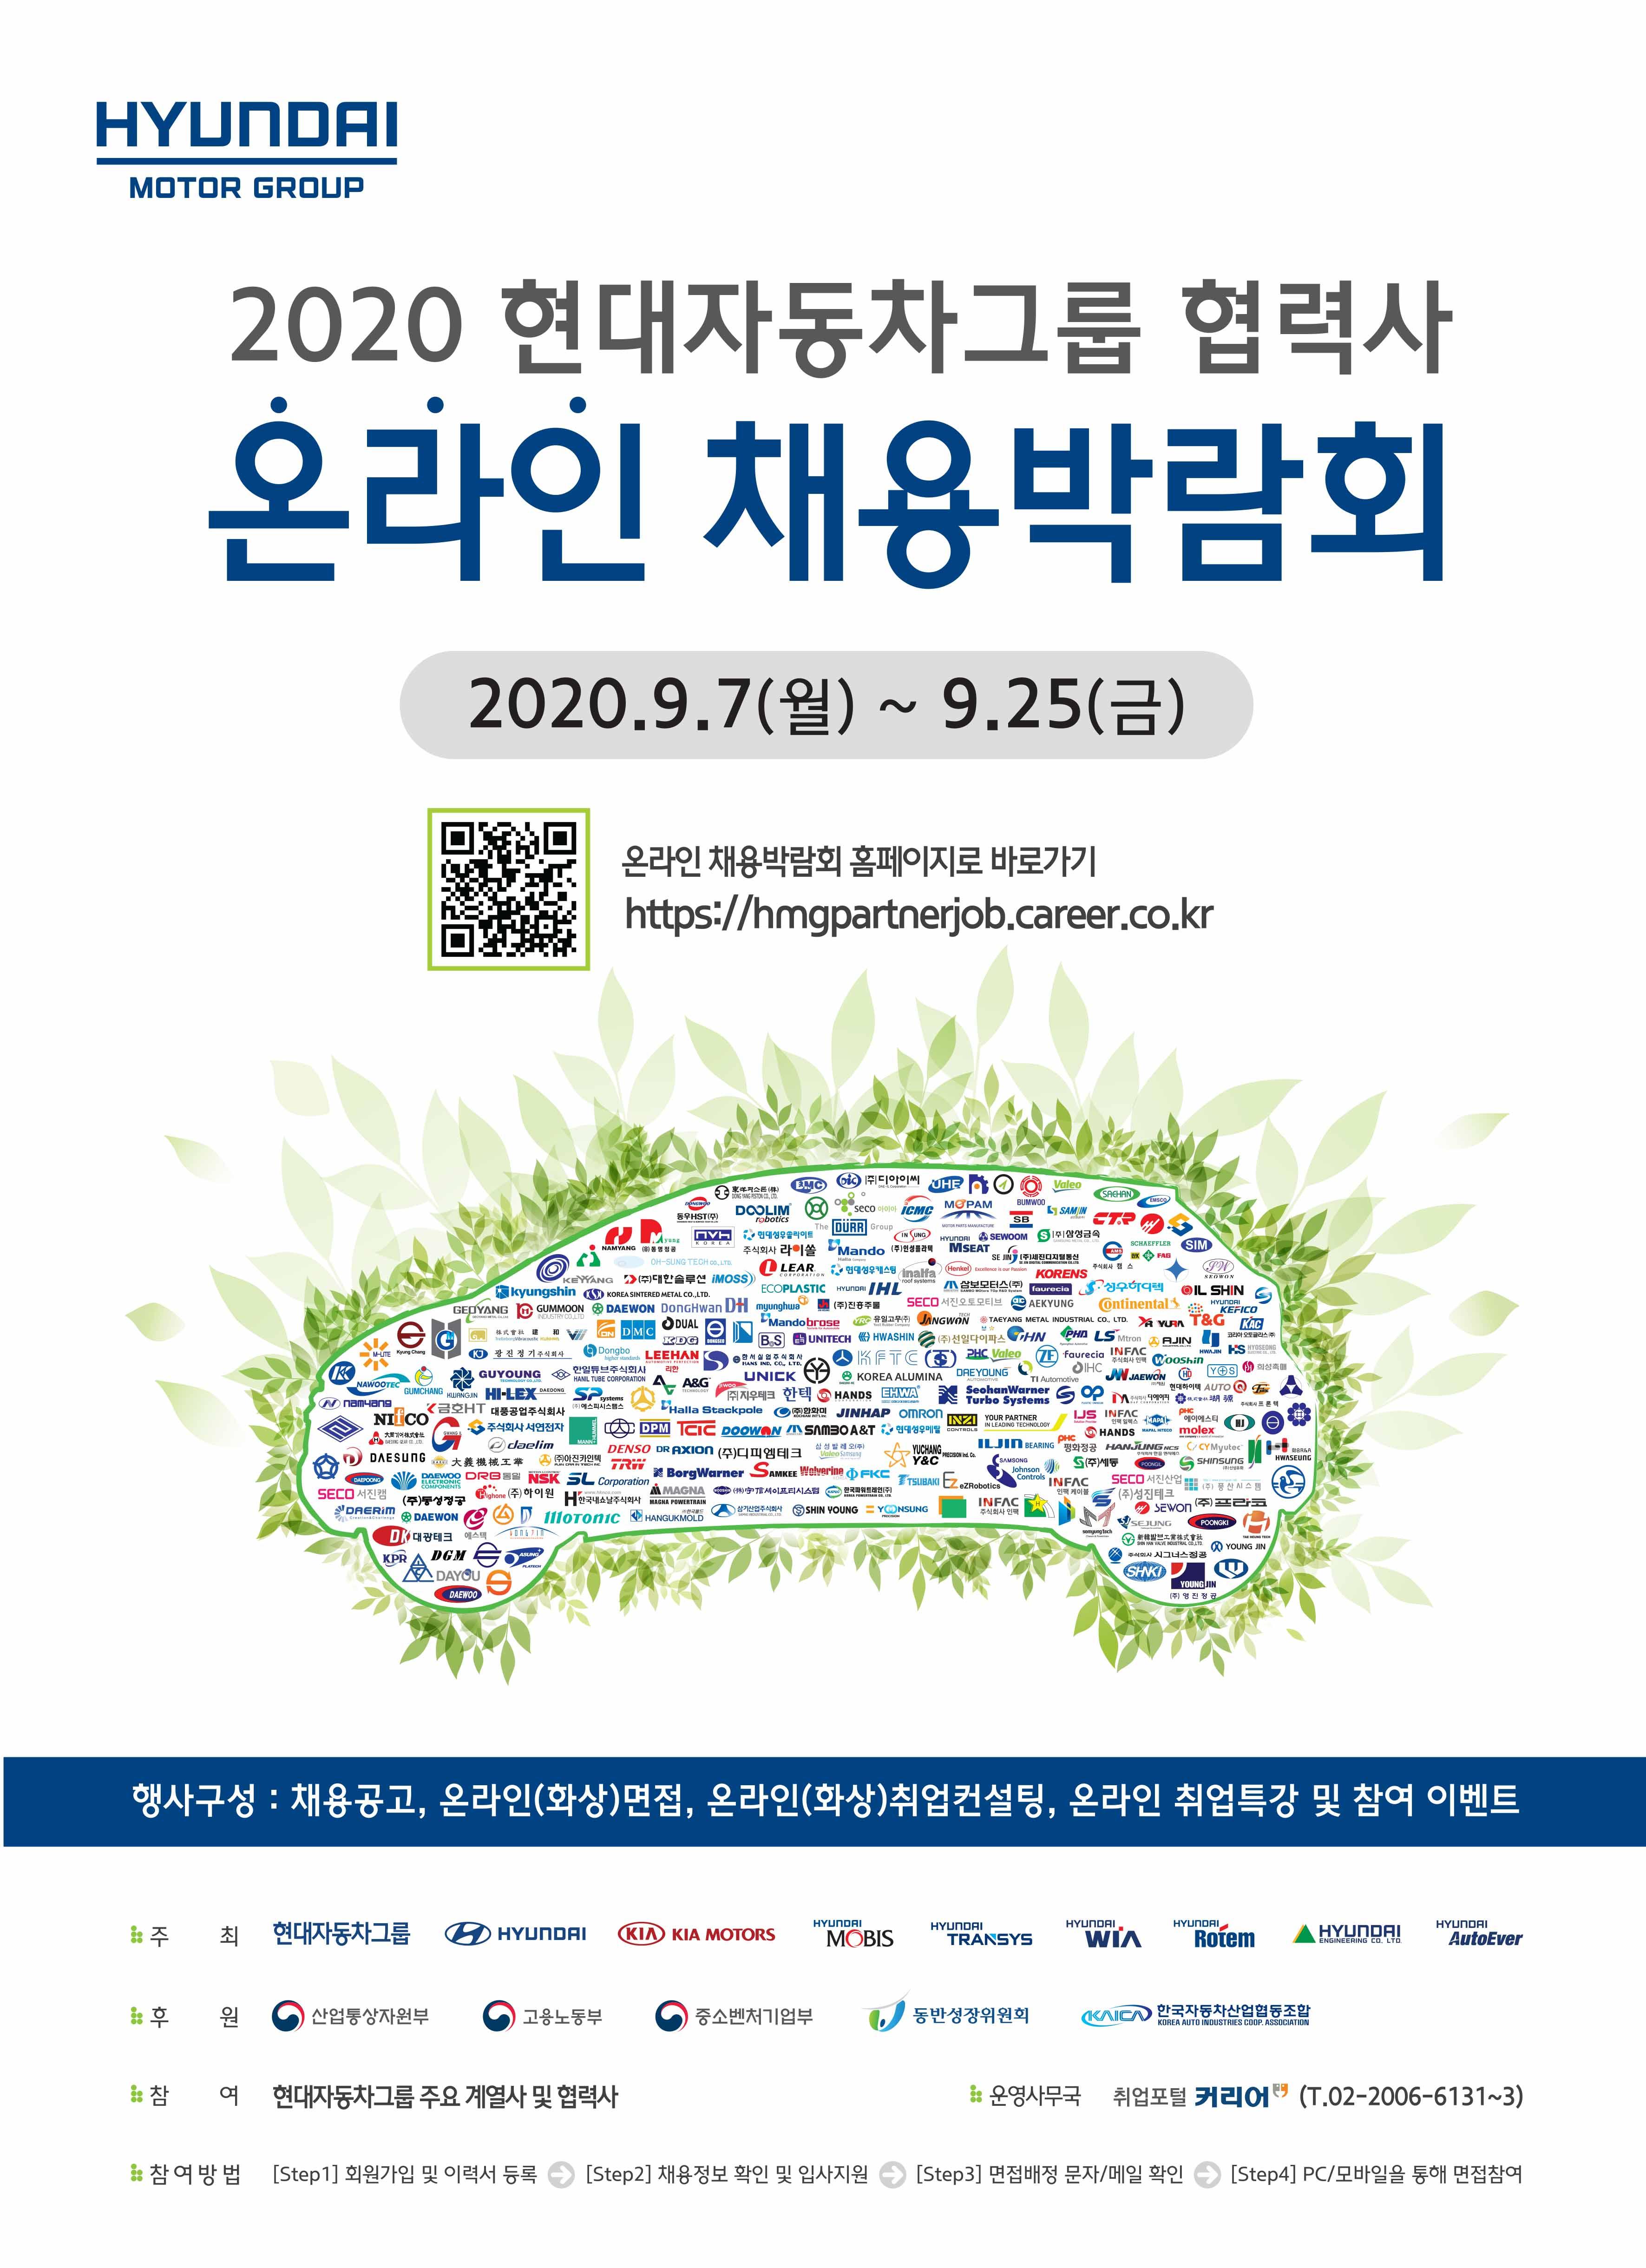 20년도 현대자동차그룹 협력사 온라인 채용박람회 포스터.jpg